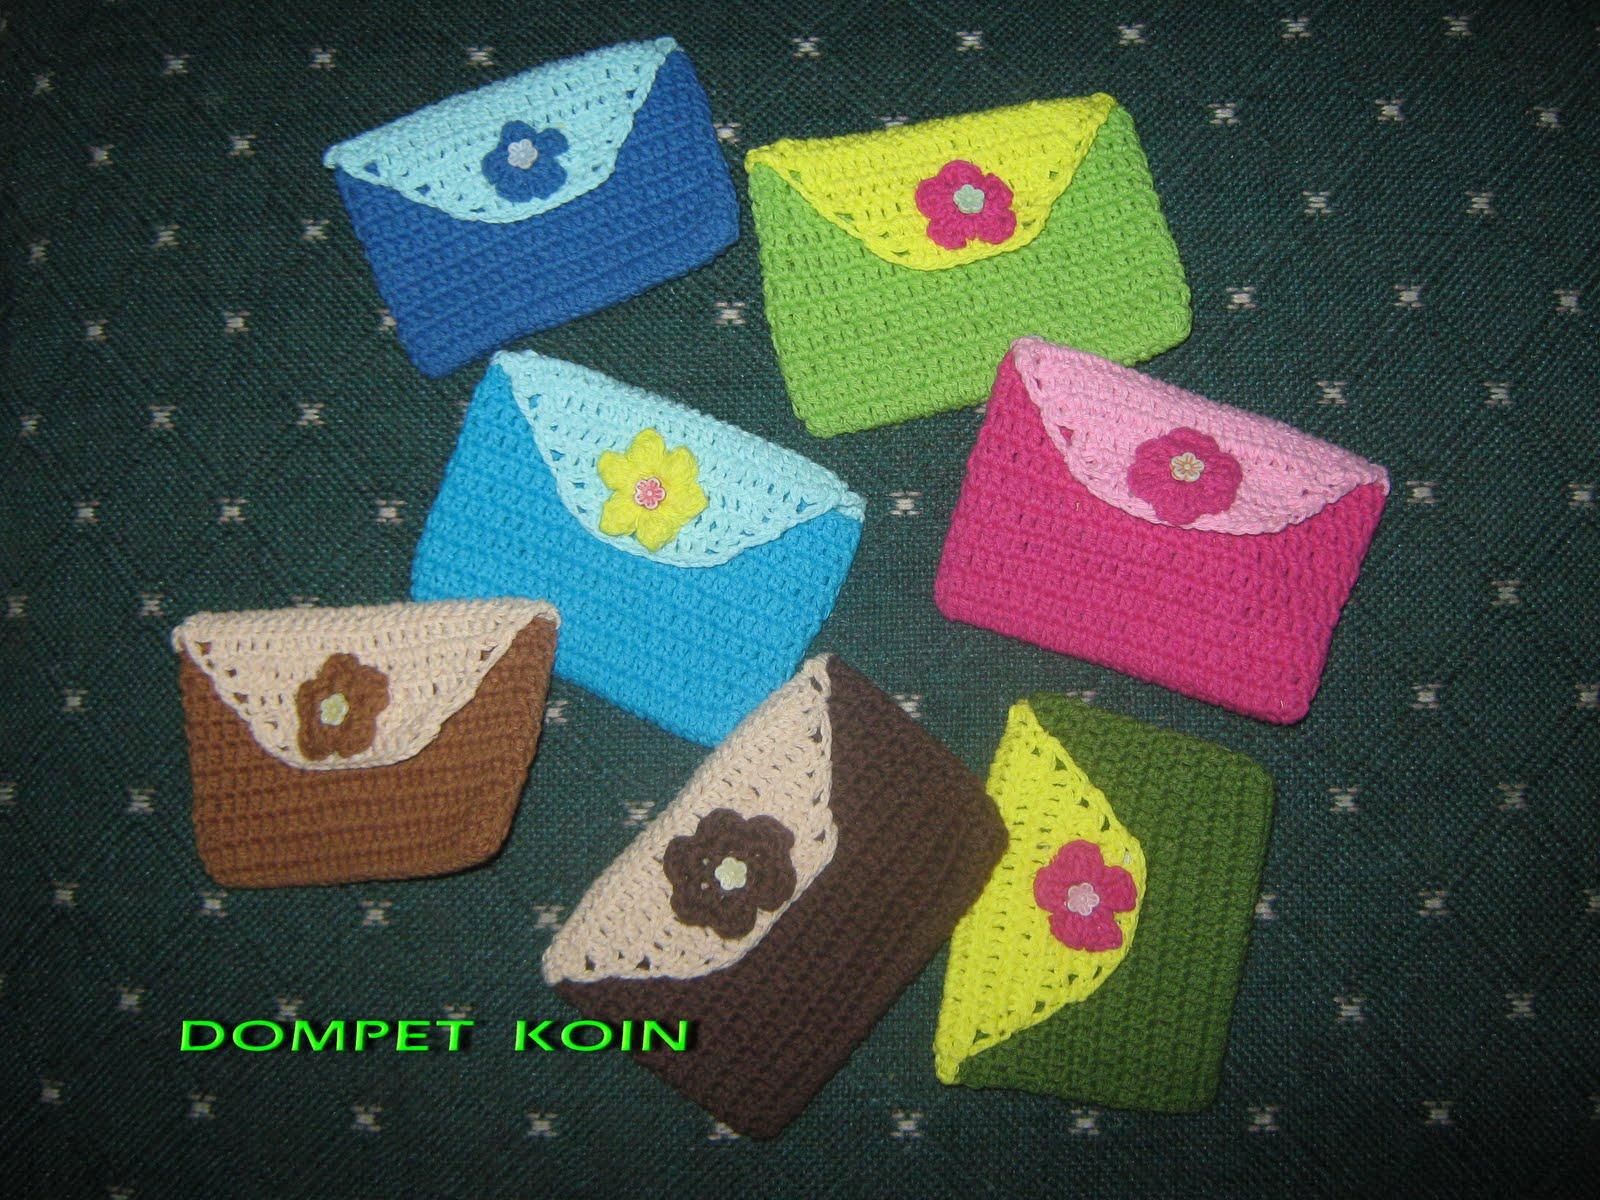 Dompet koin ini juga terbuat dari benang benang sisa pembuatan tas ukuran mungil pas buat koin Dipercantik dengan bunga dan manik bunga